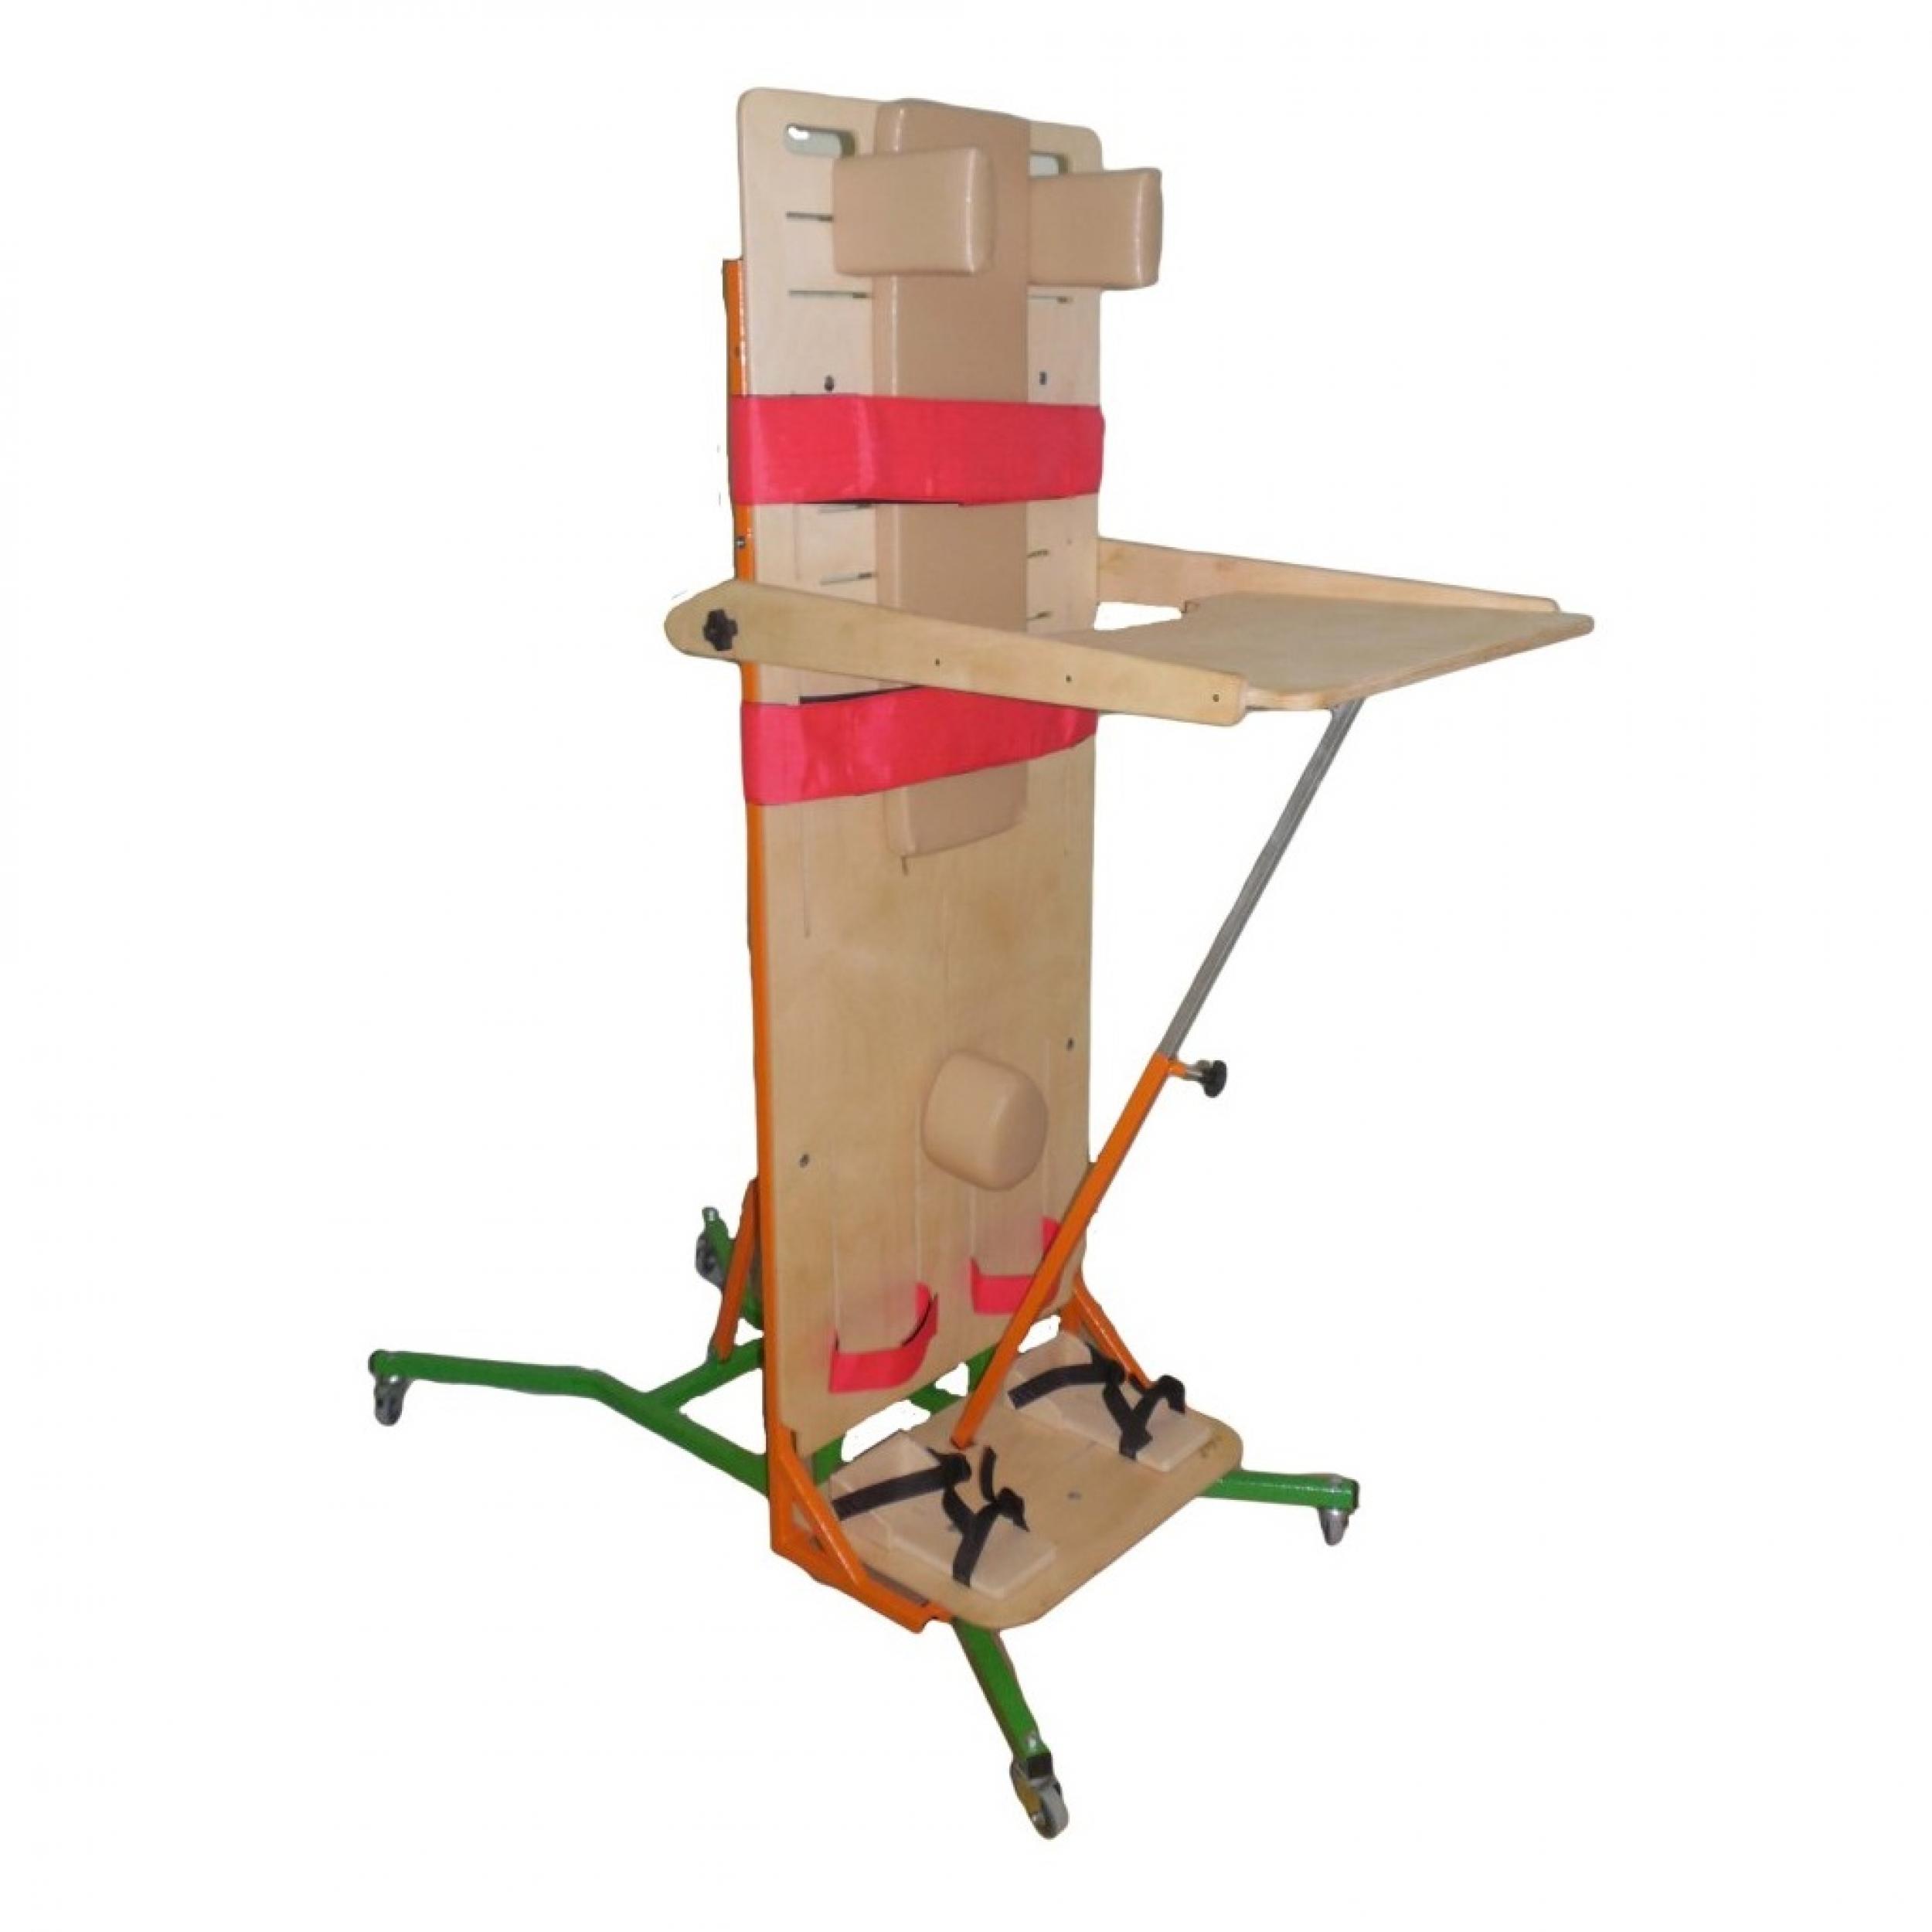 Вертикализатор с обратным наклоном ОС-212 (Размер 3)